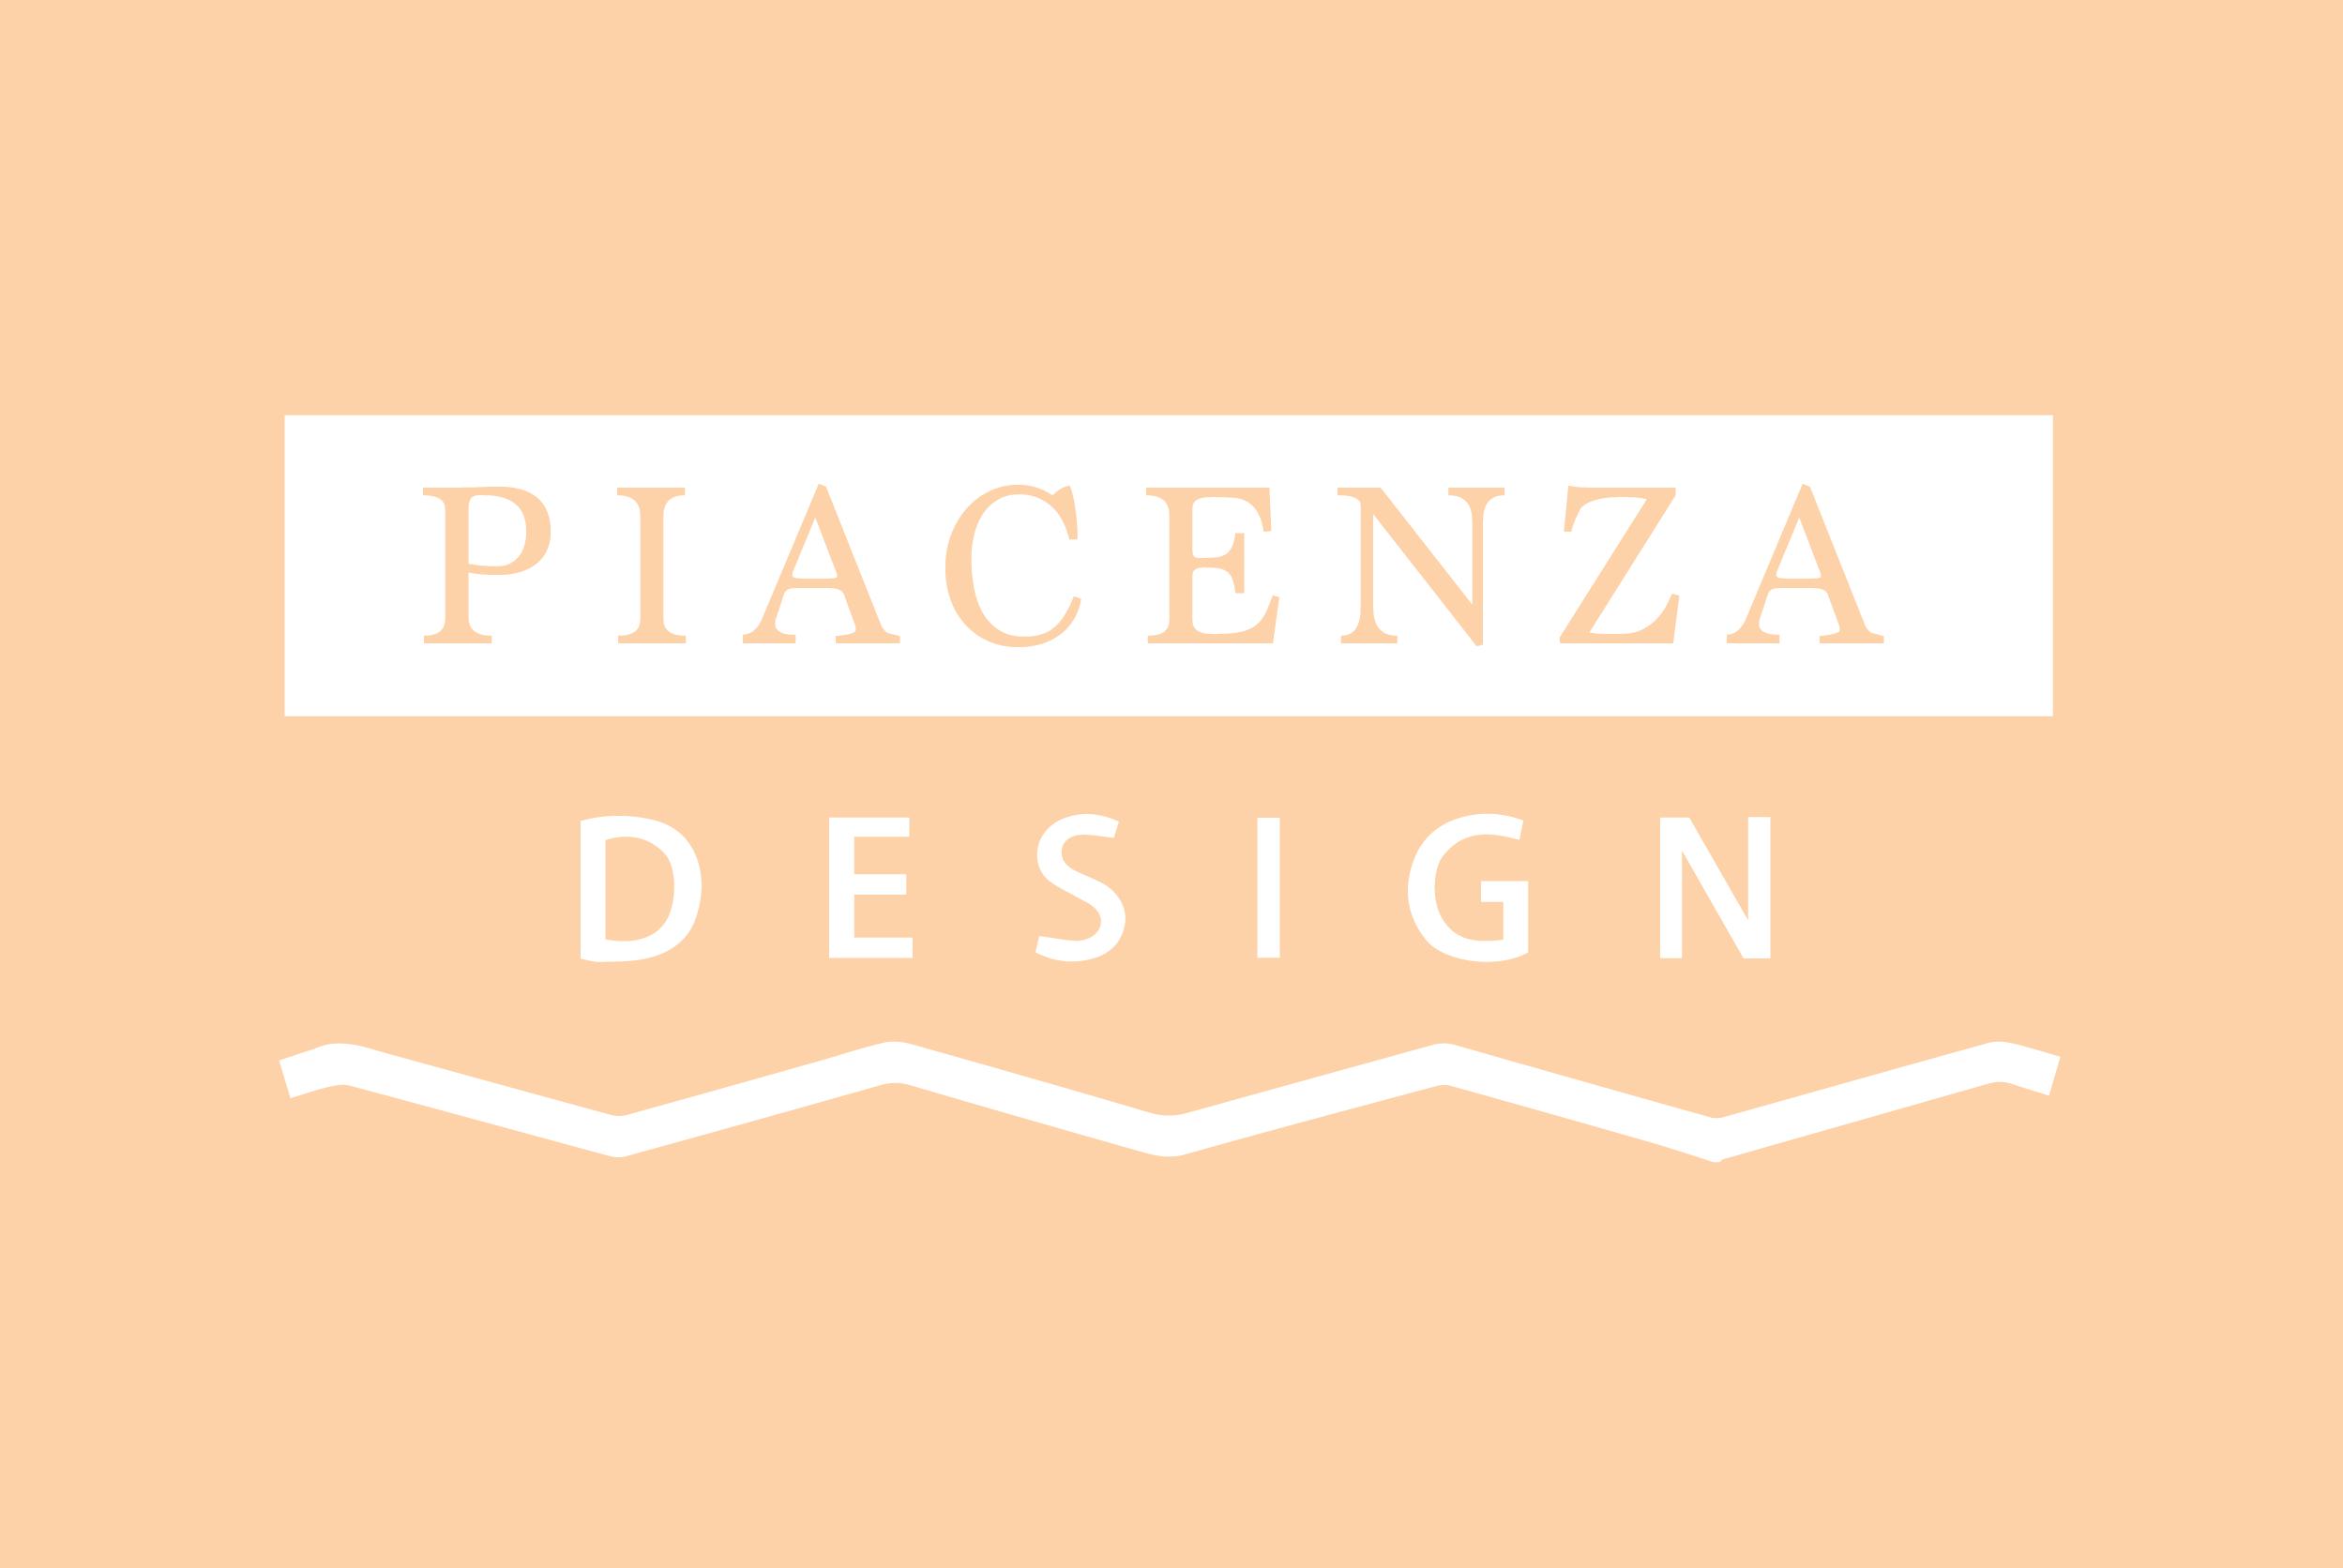 Piacenza Design